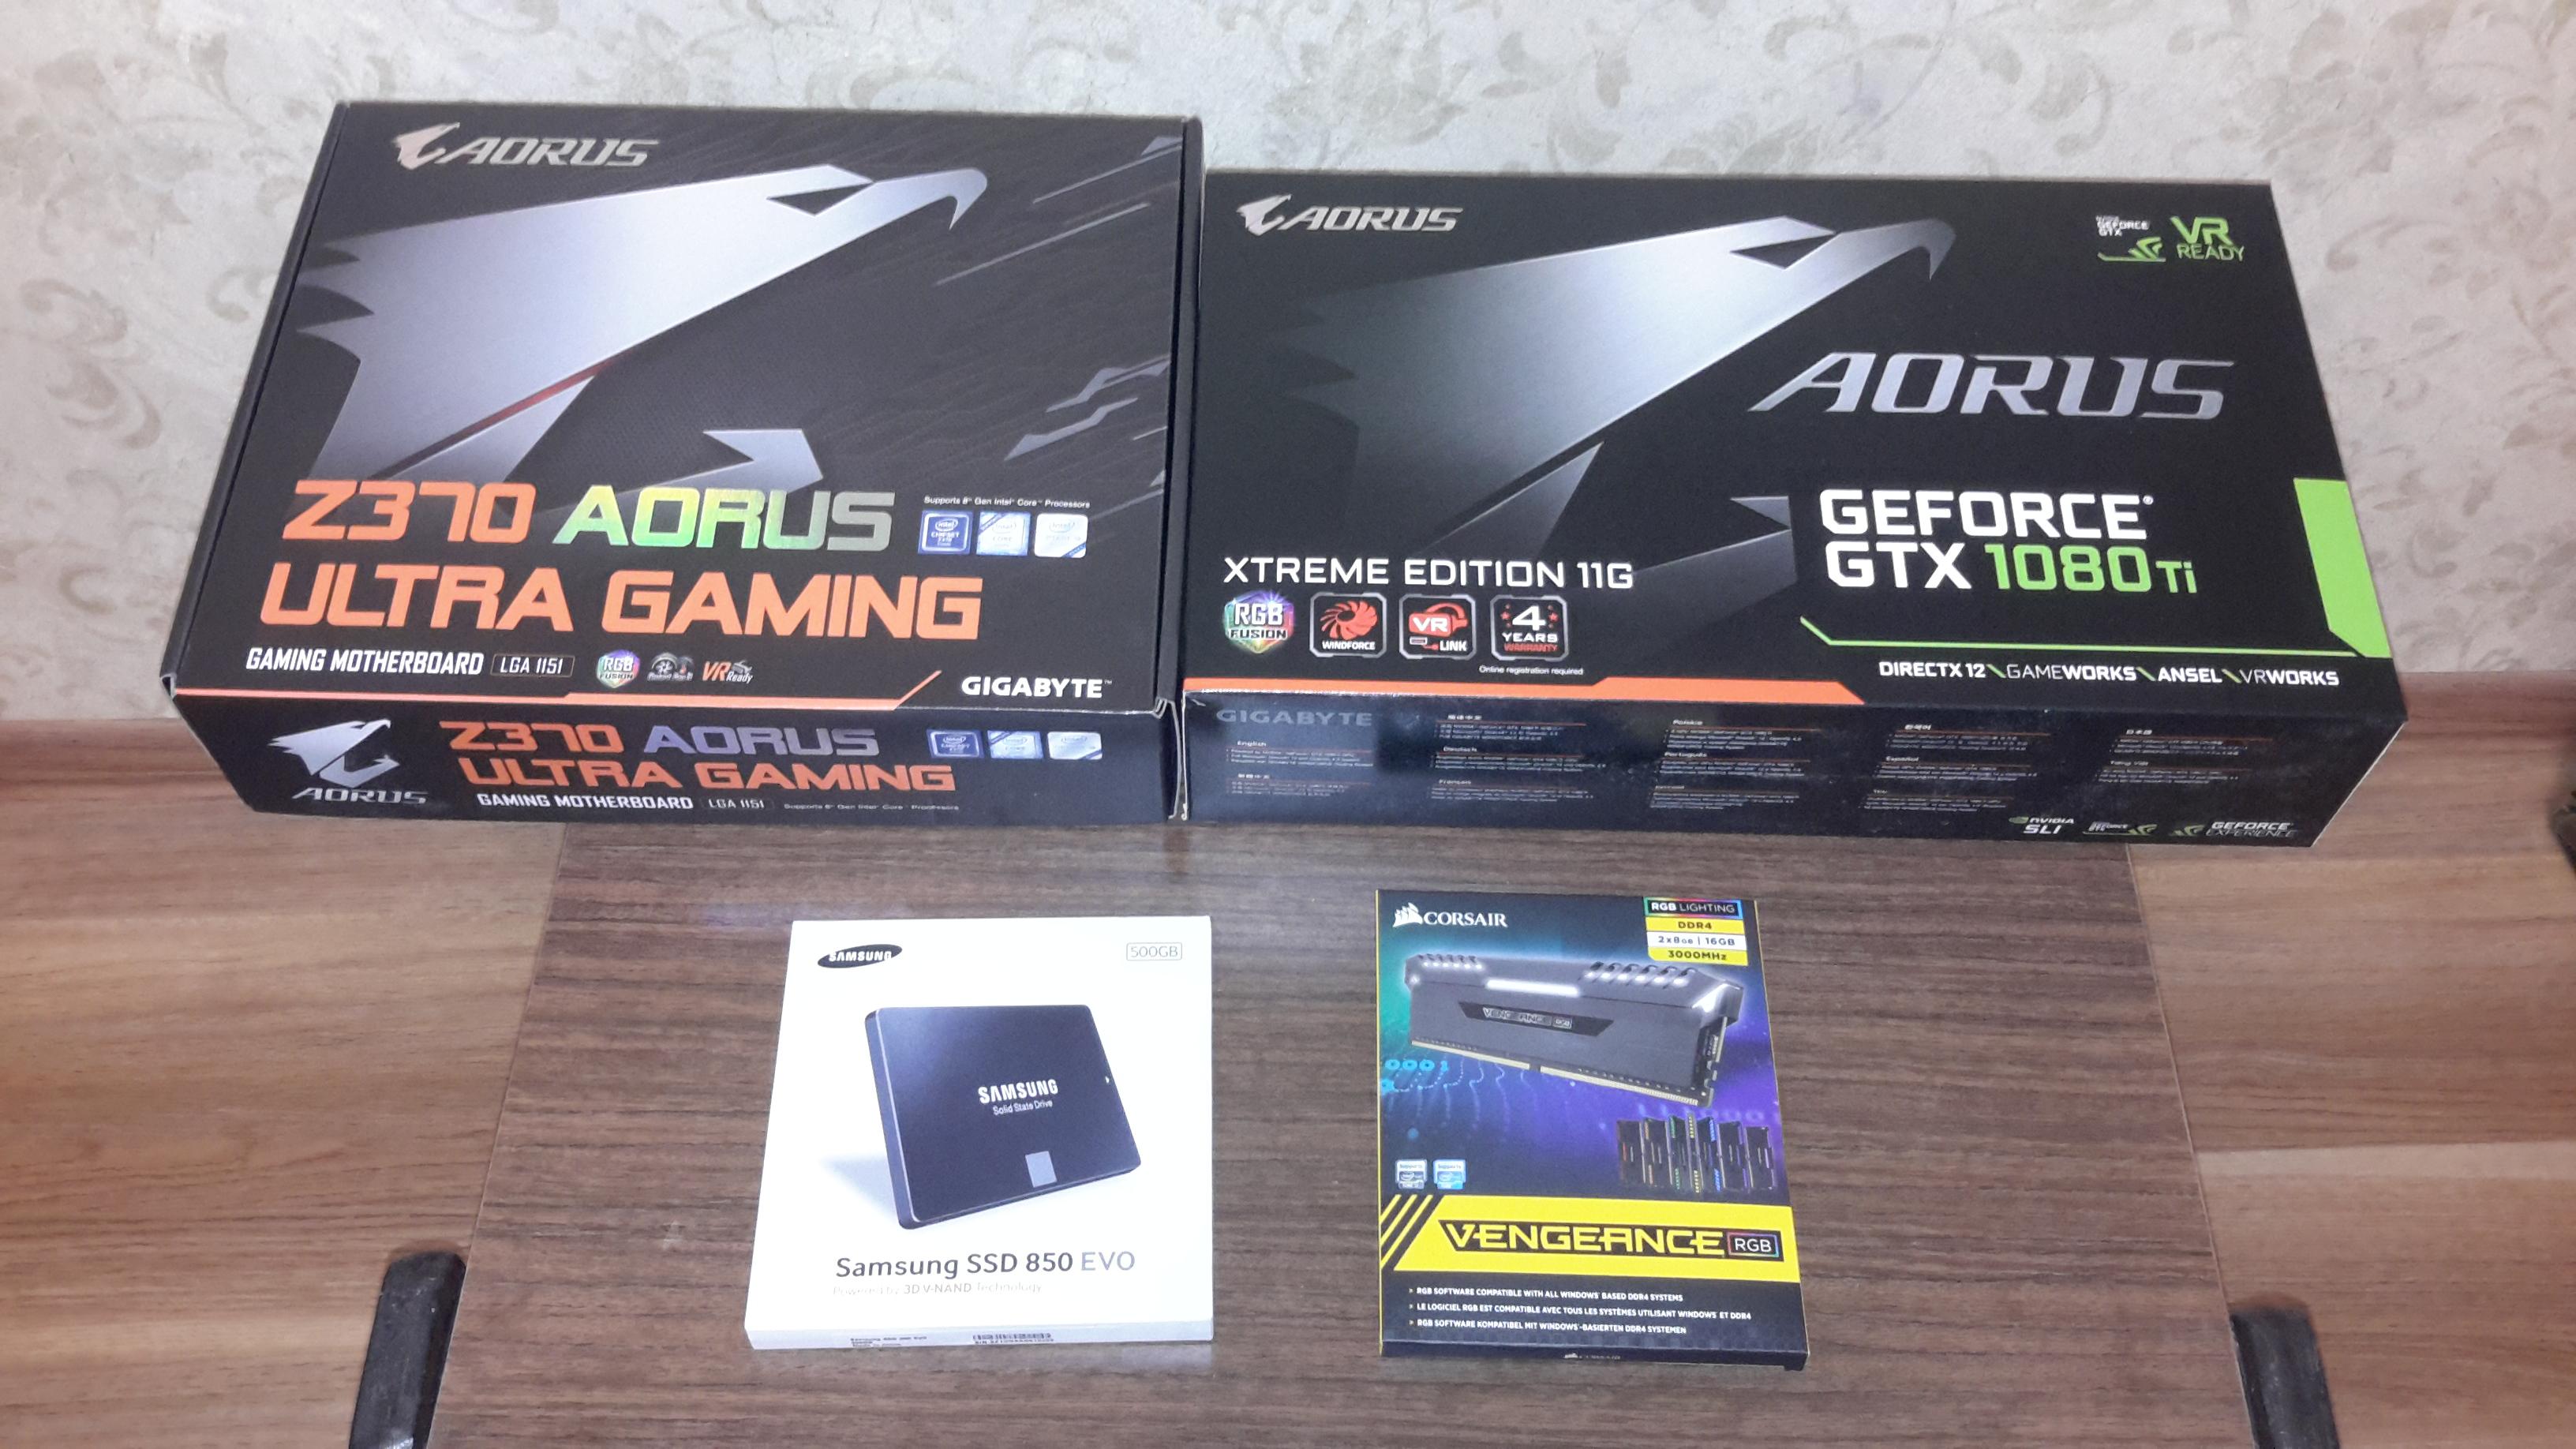 моё железо - - Aorus, Corsair, DDR4 2x8 3000mhz, GTX 1080ti 11Gb, SSD 500Gb, z370